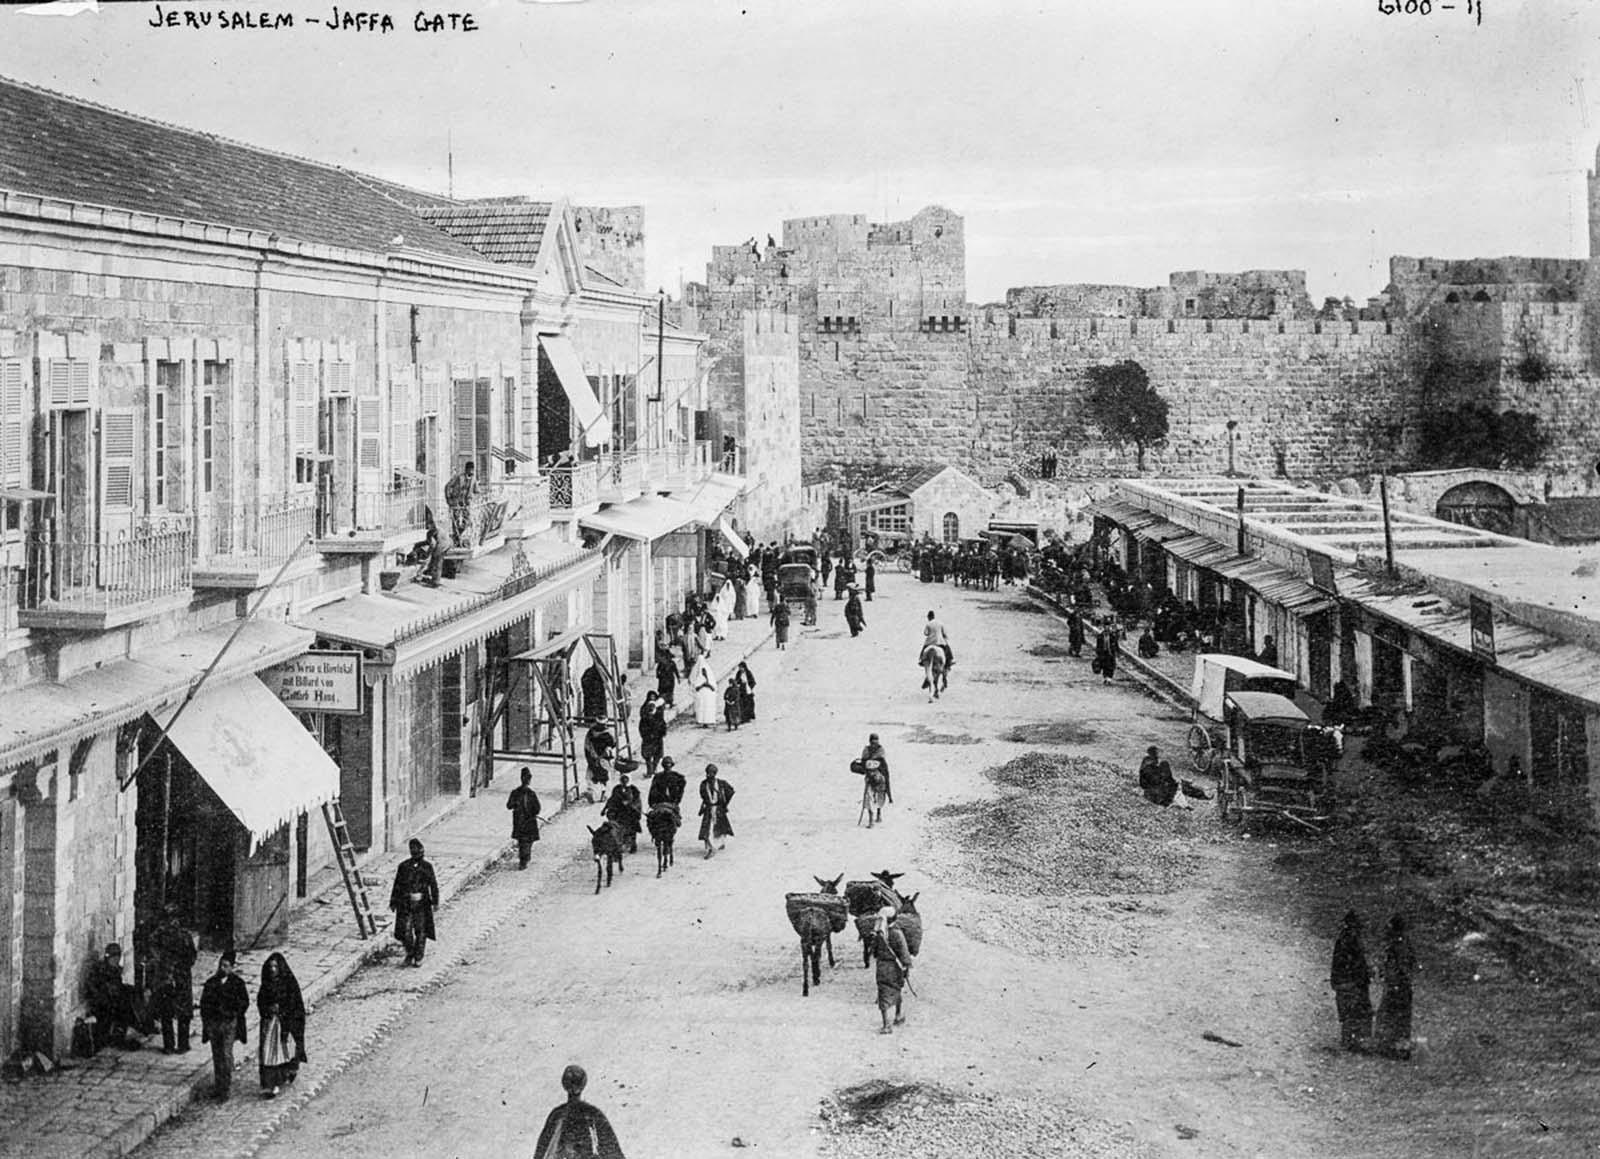 Jerualem. 1900.